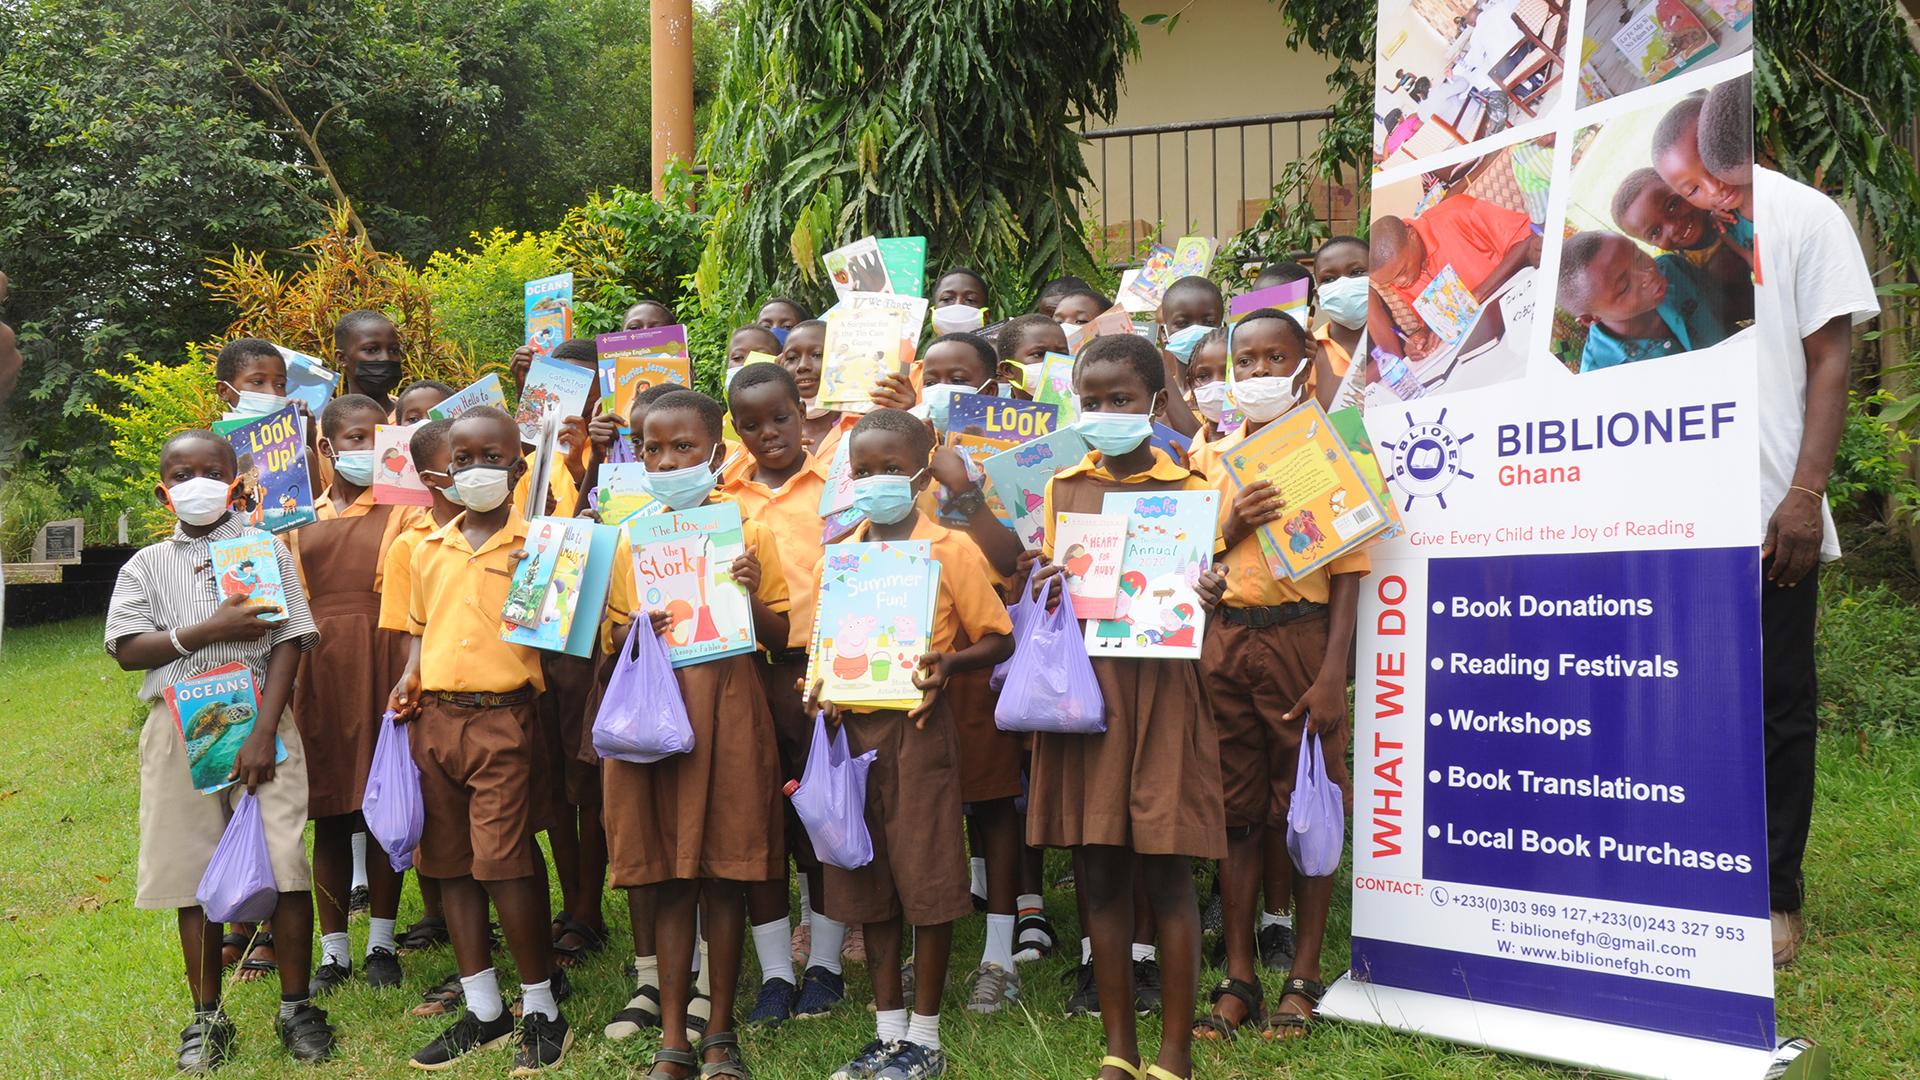 Een boek om te bewaren en thuis te lezen! 600 boeken voor 600 kinderen in Assin Nkran, Ghana